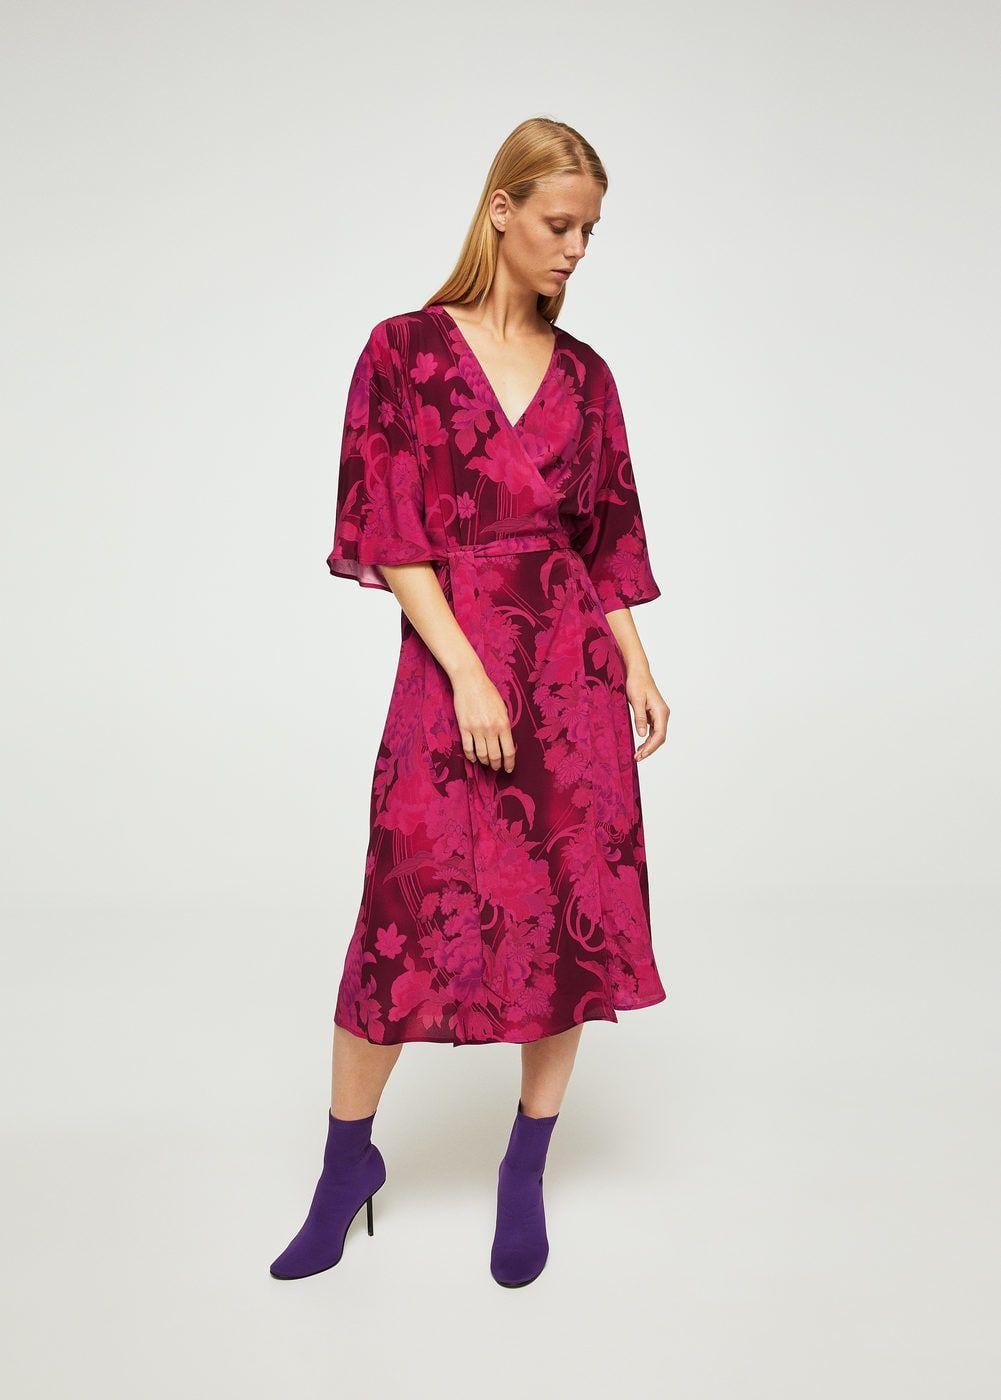 c6f99debe983 Mango Floral Wrap Midi Dress - Gomes Weine AG